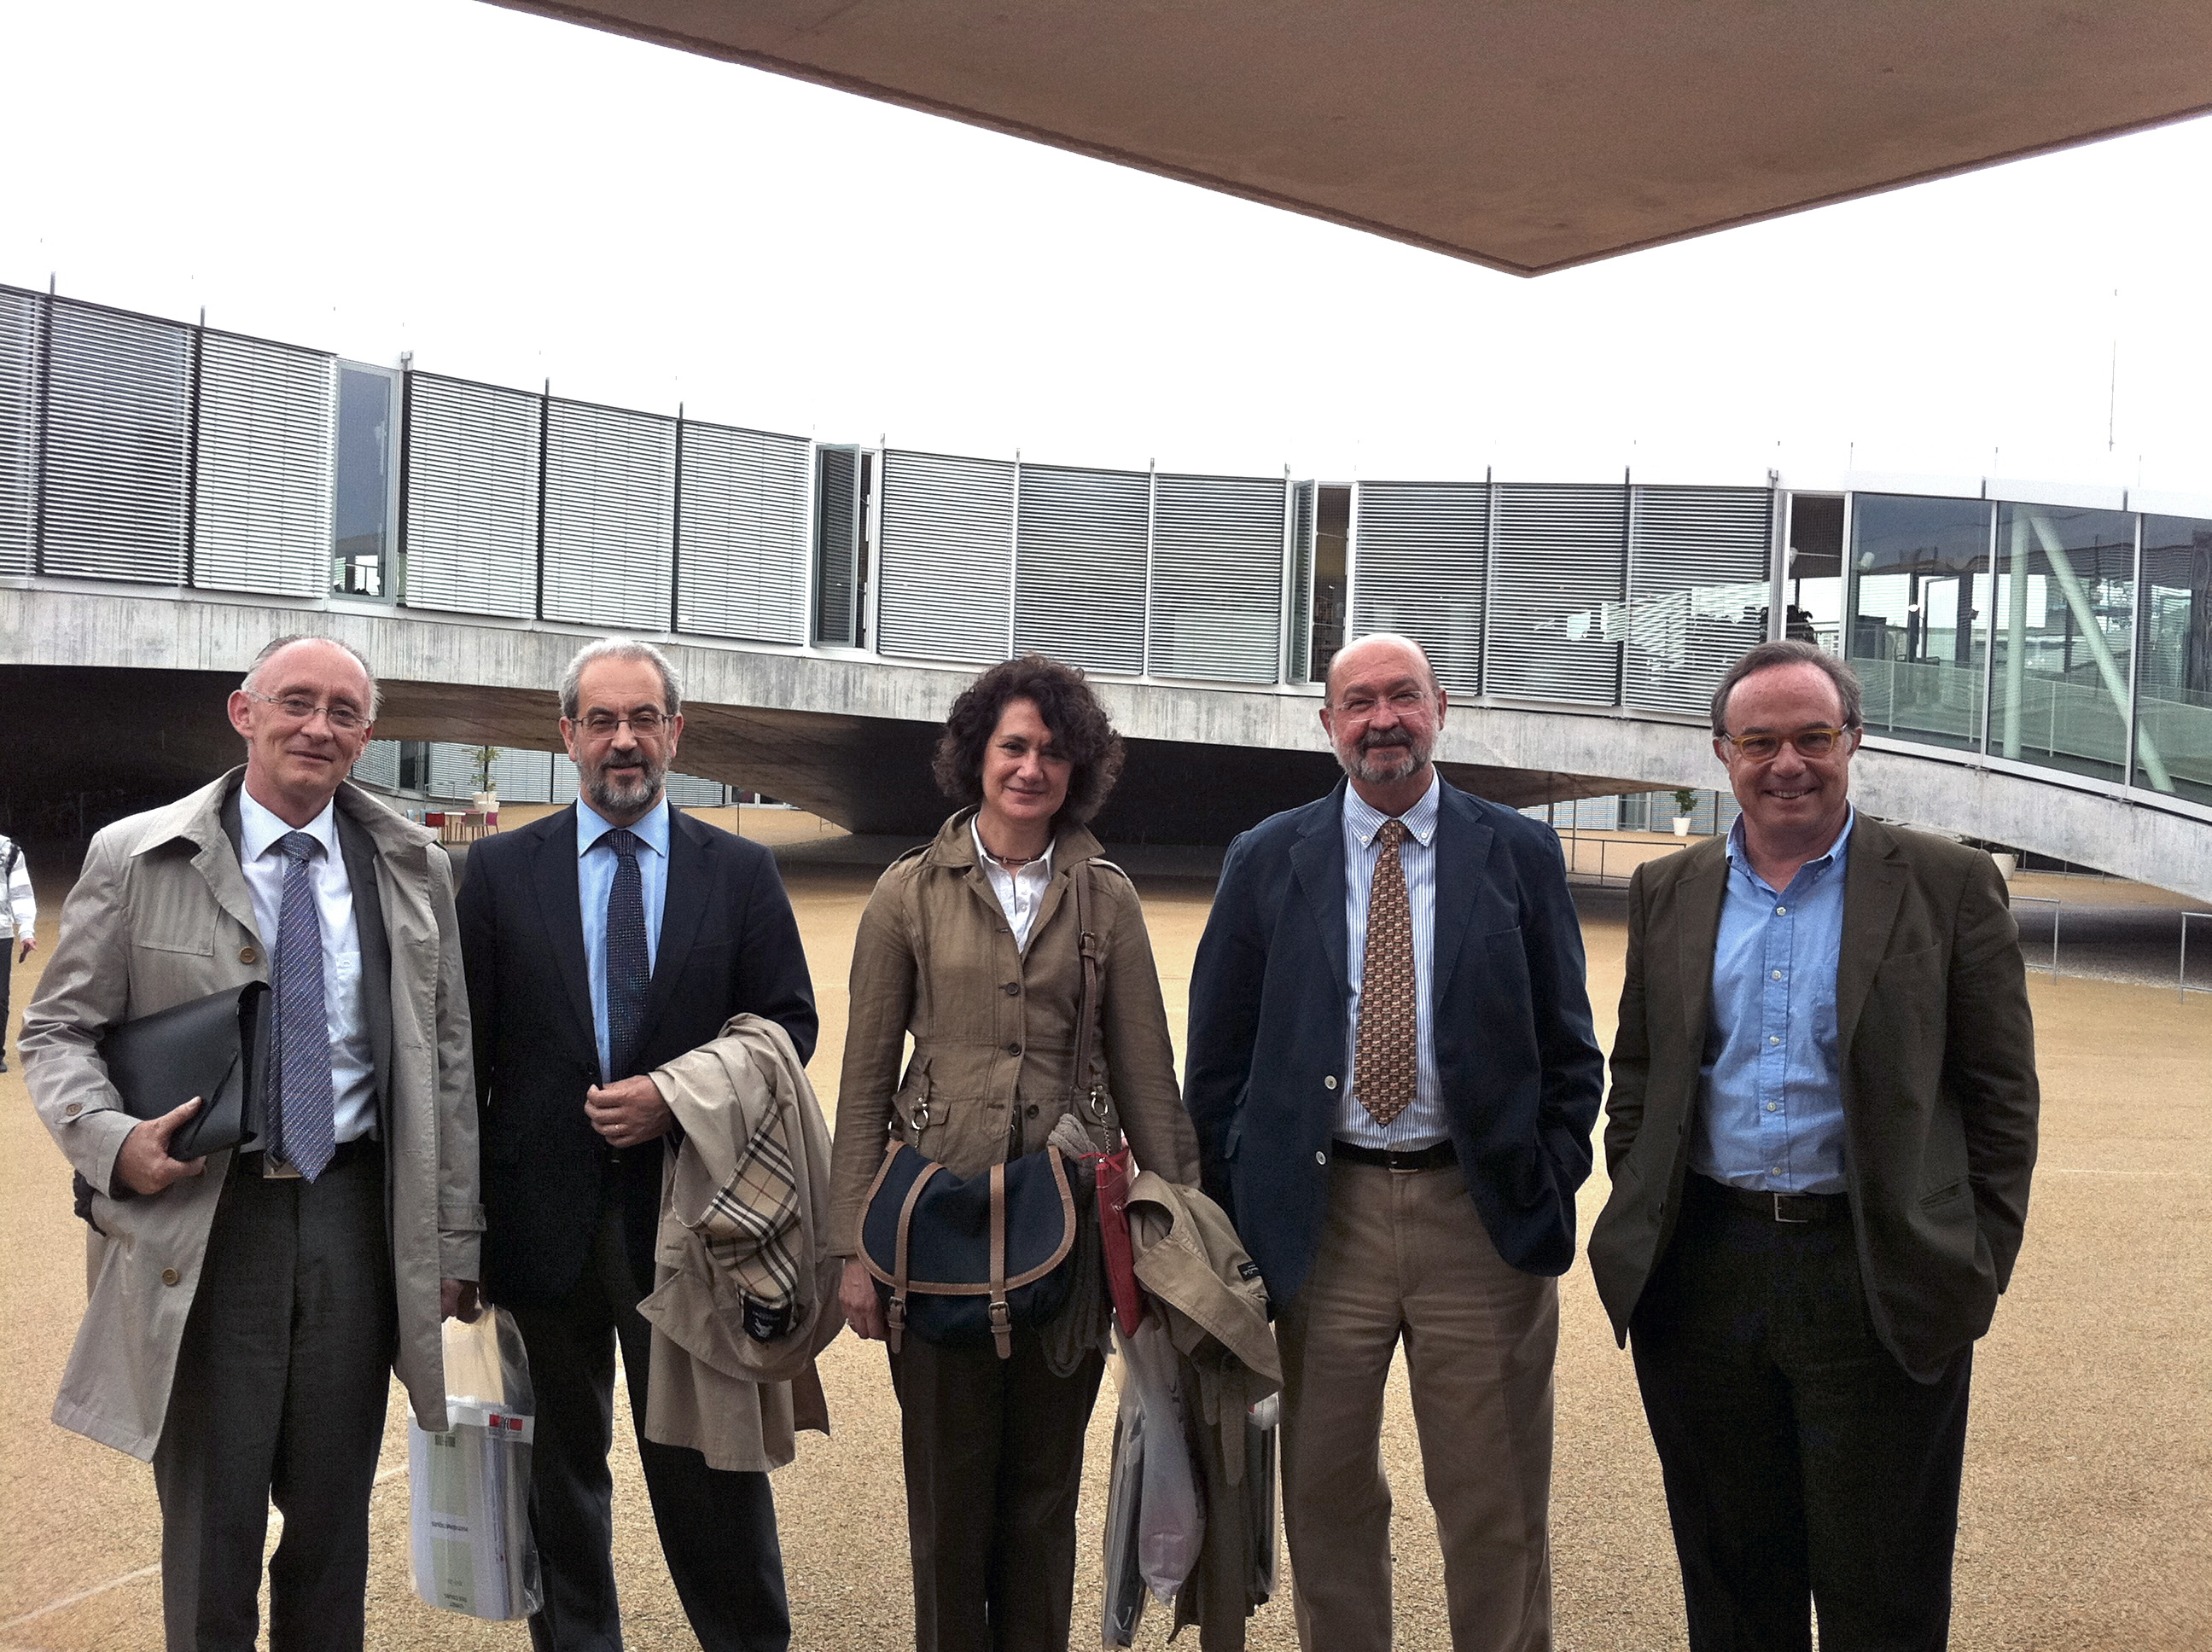 Visita institucional a la Escuela Politécnica Federal de Lausana